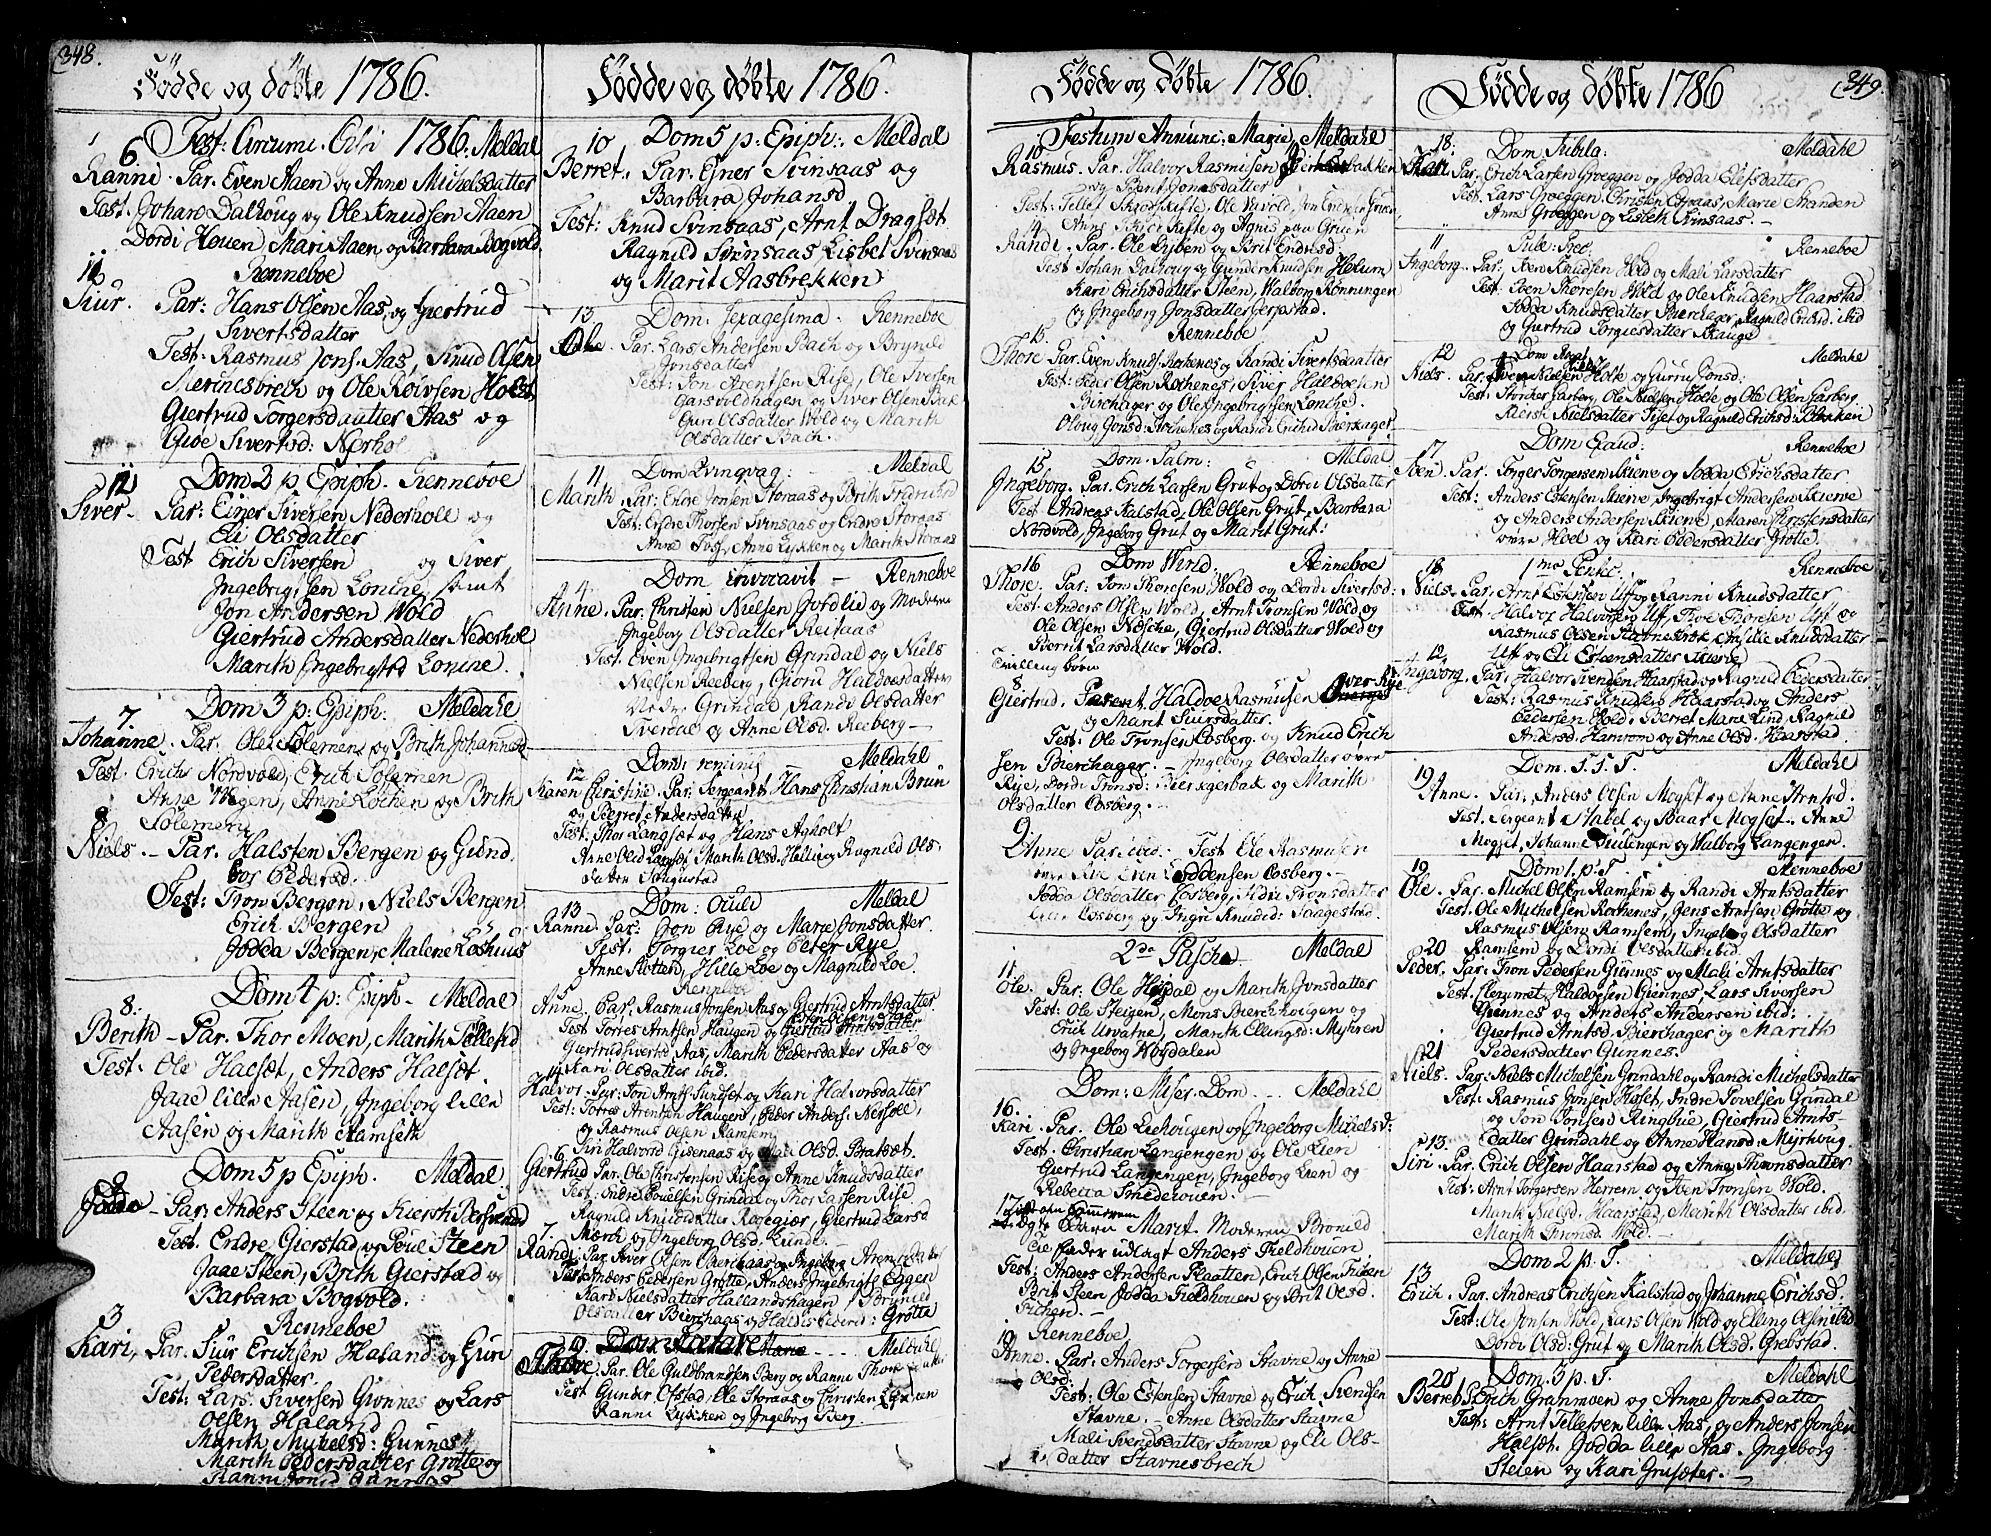 SAT, Ministerialprotokoller, klokkerbøker og fødselsregistre - Sør-Trøndelag, 672/L0852: Ministerialbok nr. 672A05, 1776-1815, s. 348-349